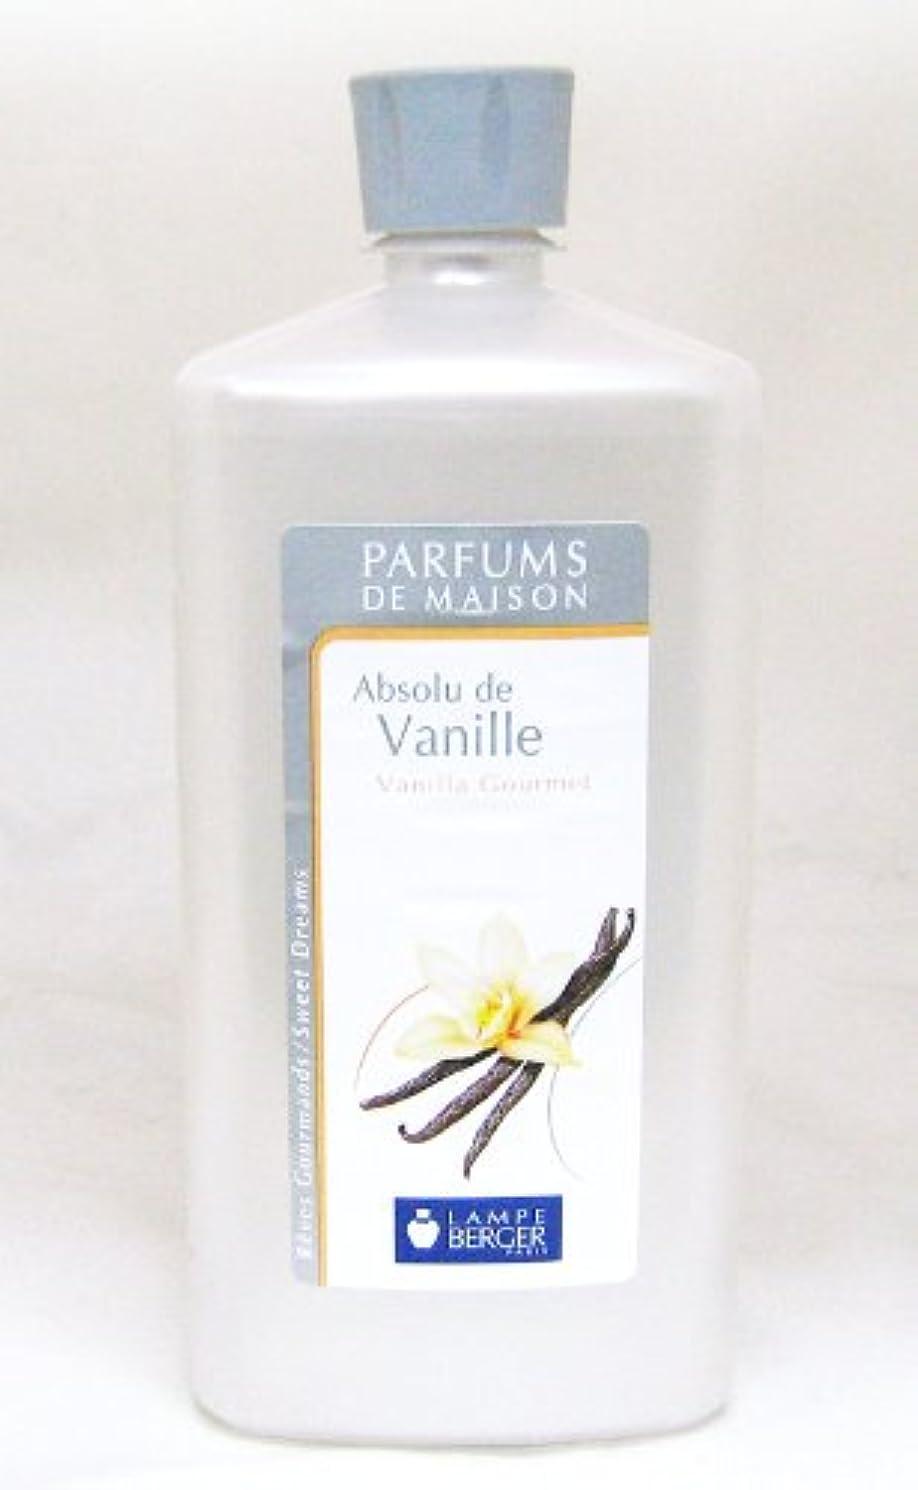 財政卒業印象的なランプベルジェ フランス版 1000ml アロマオイル バニラ Absolu de Vanille